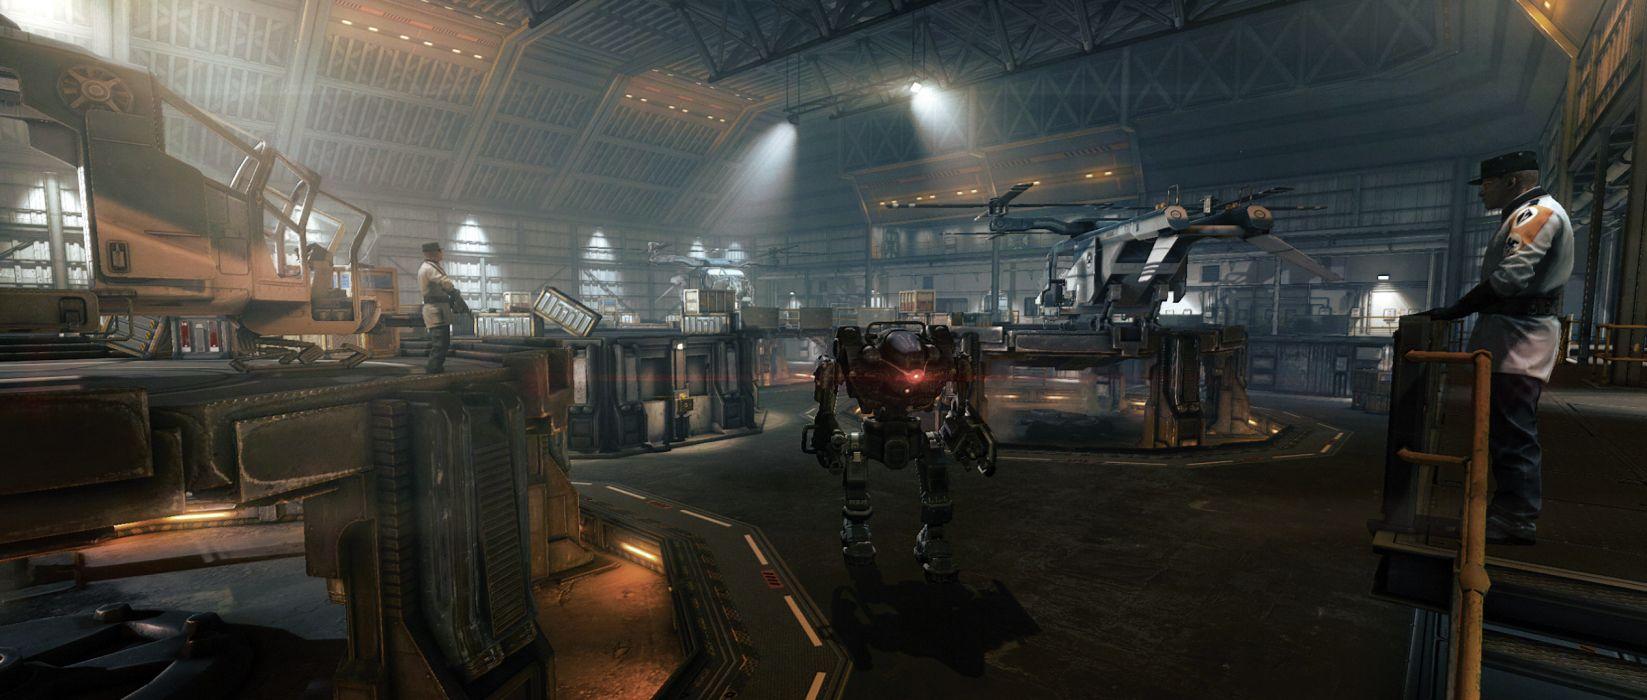 Wolfenstein warrior sci-fi armor robot mecha    g wallpaper